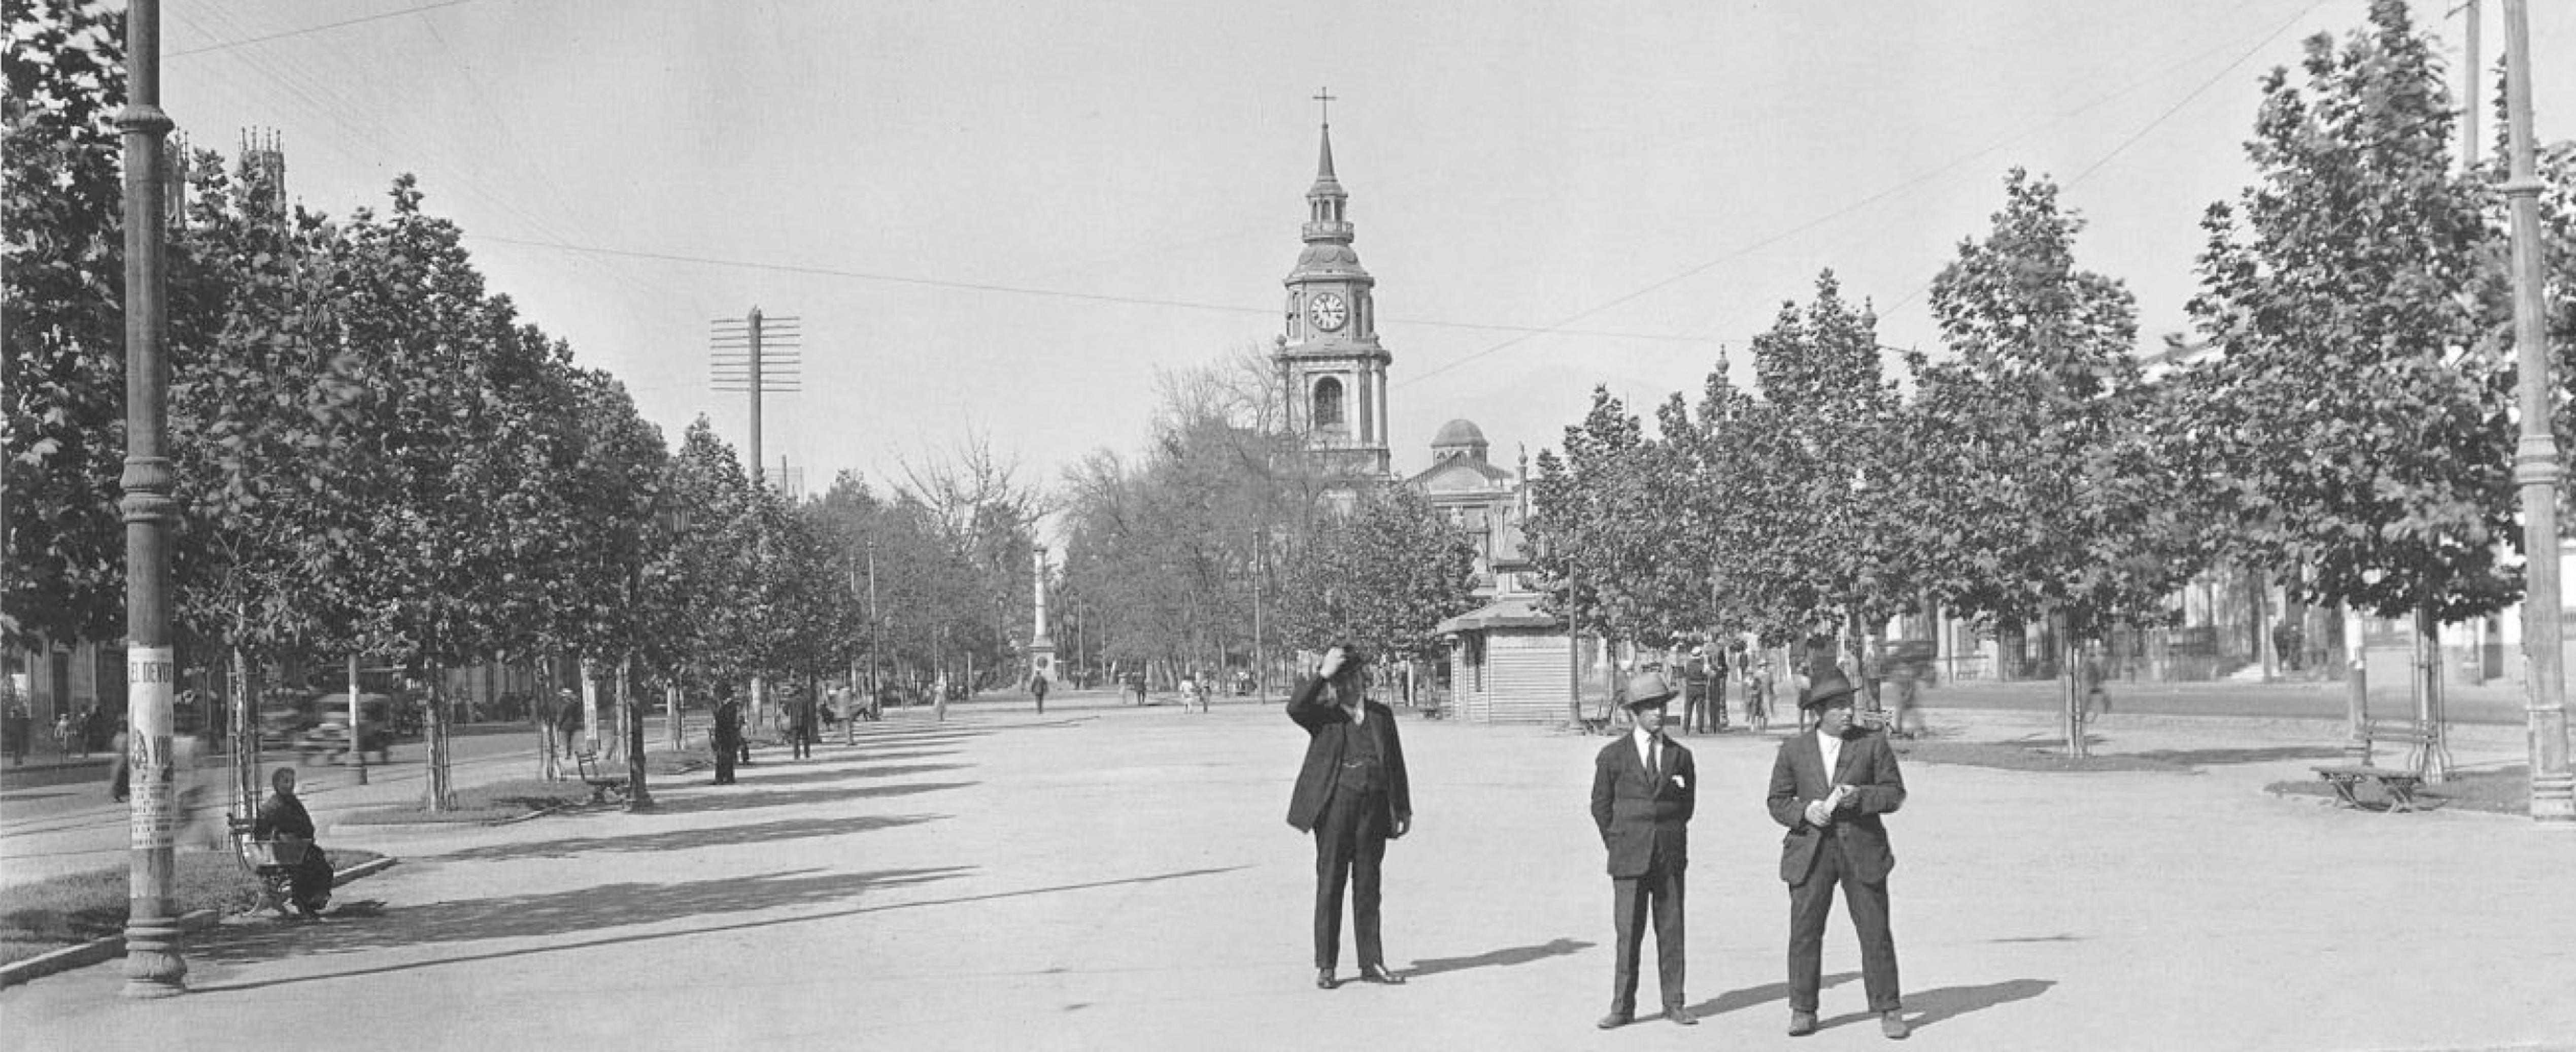 Enterreno - Fotos históricas de chile - fotos antiguas de Chile - Hombre en la Alameda en 1927